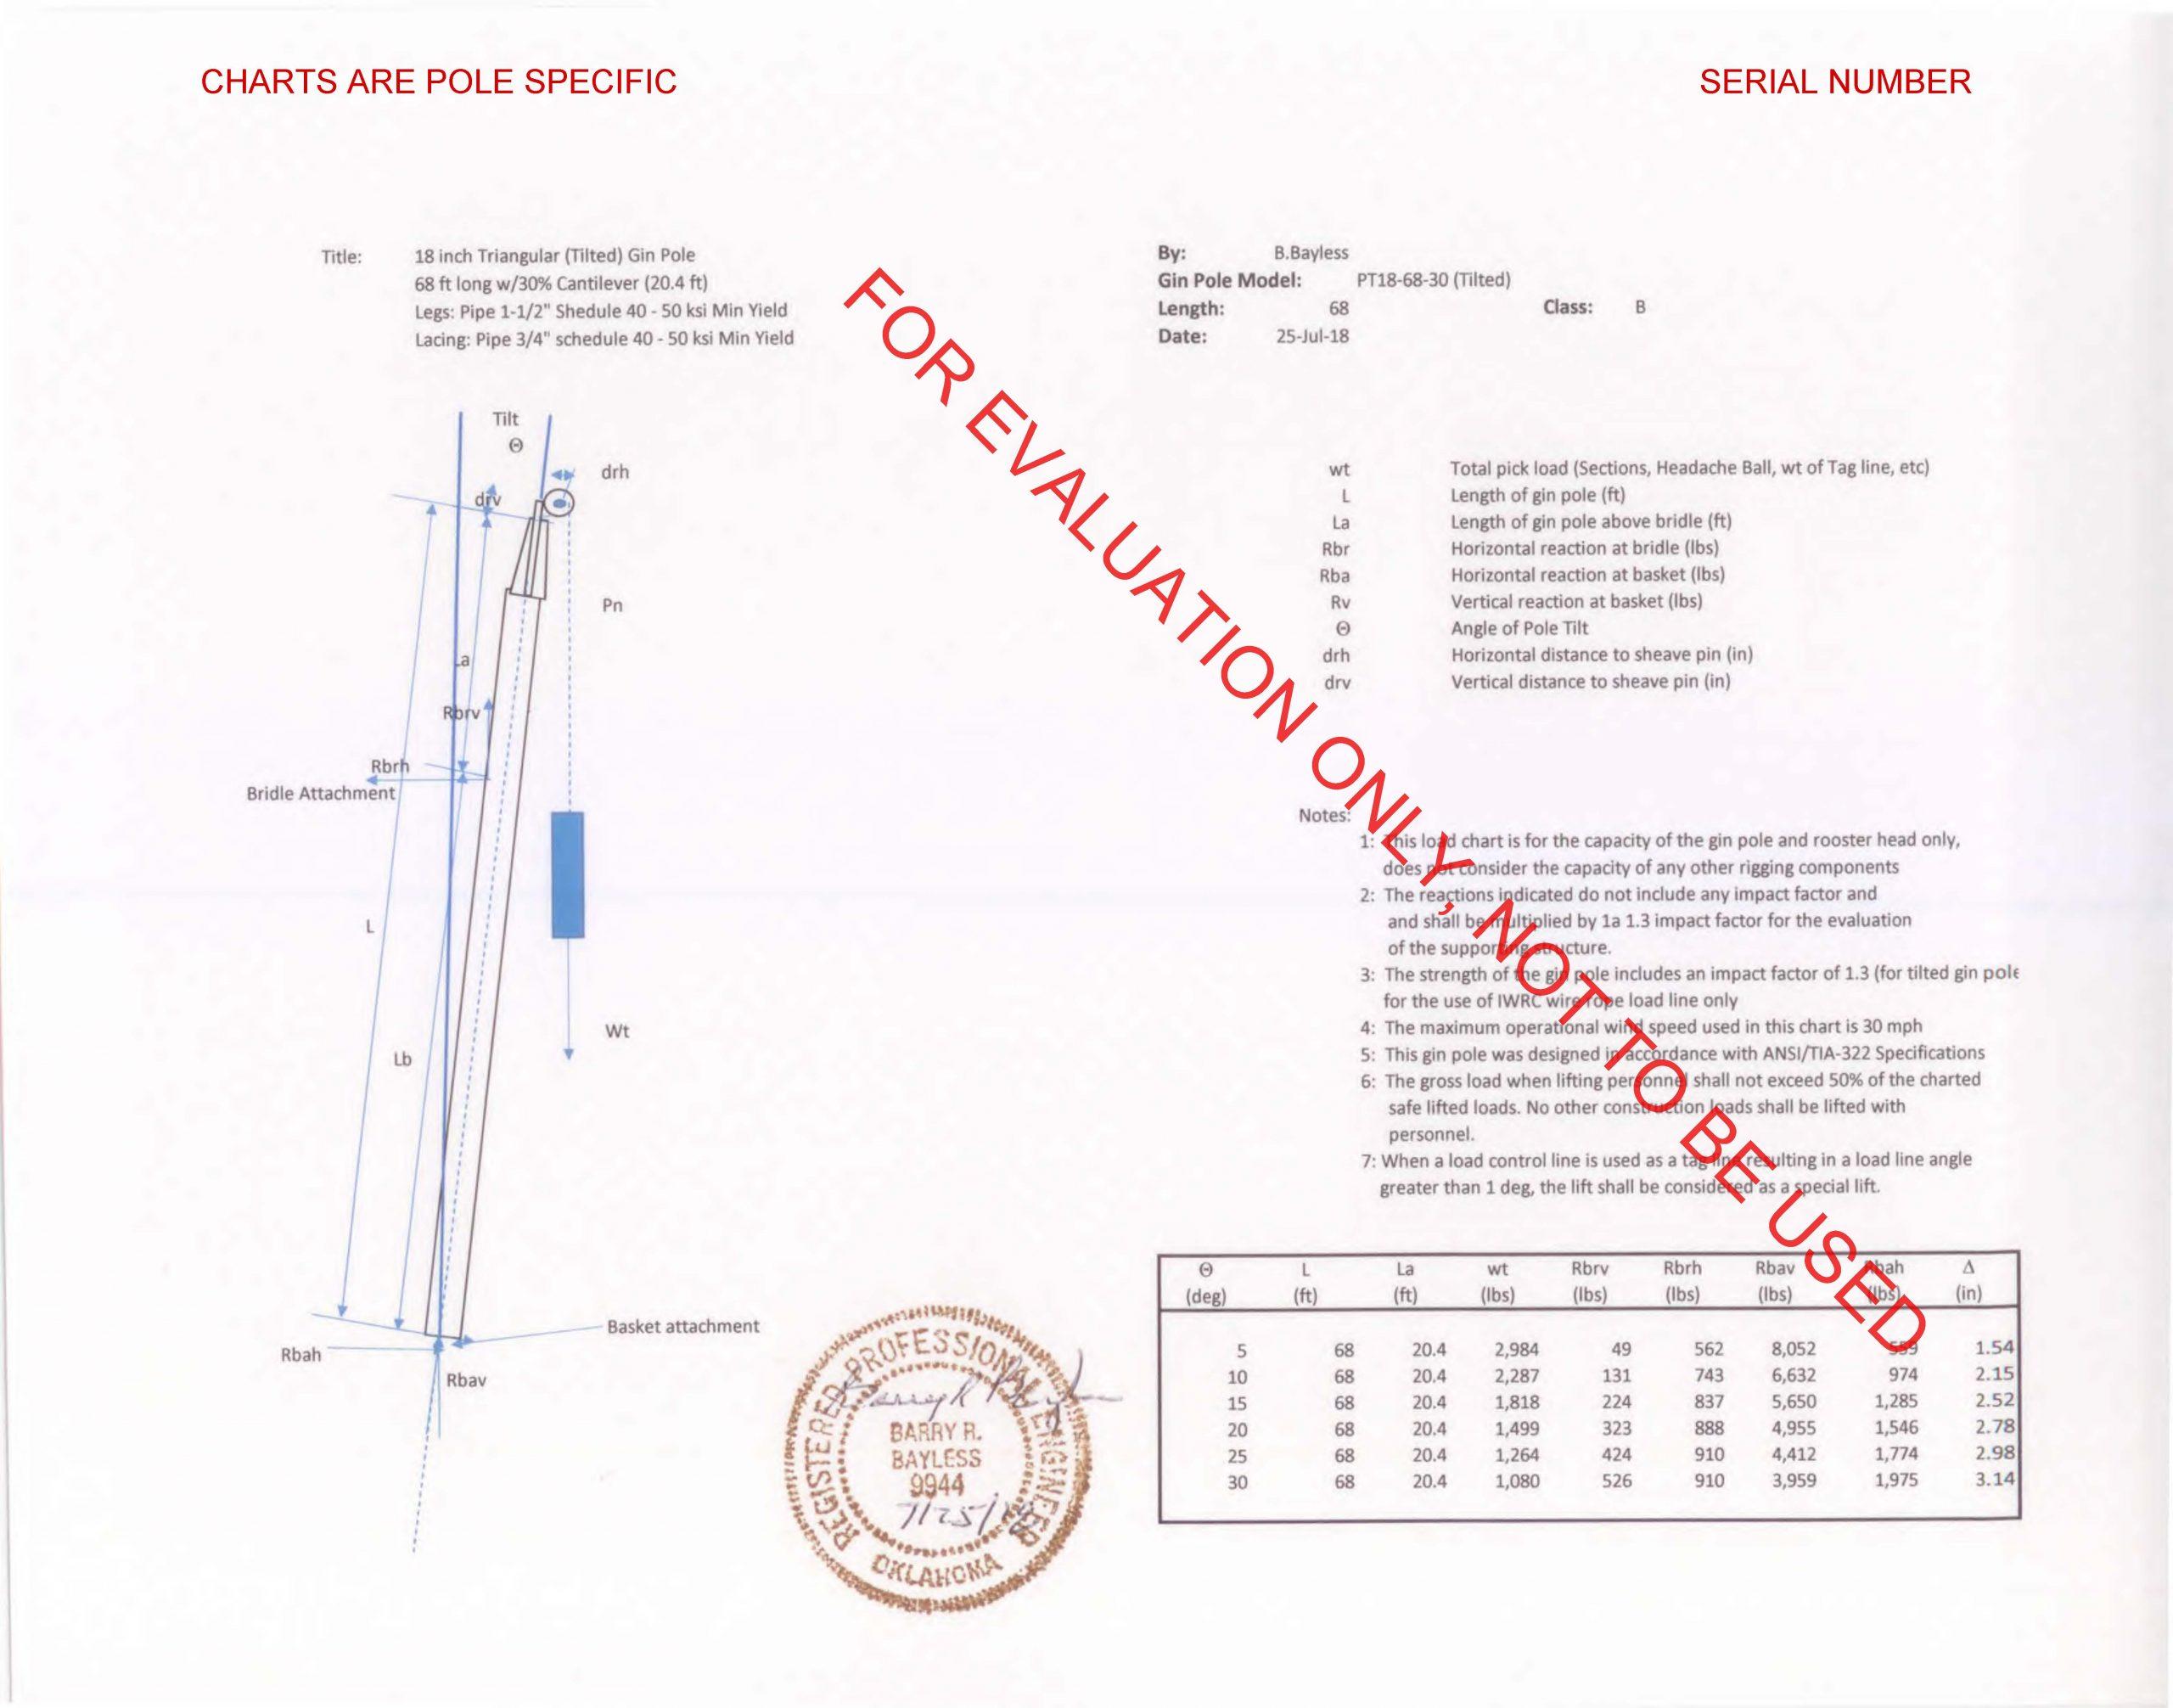 PT18-68 (Tilted) Stamped_Page_2